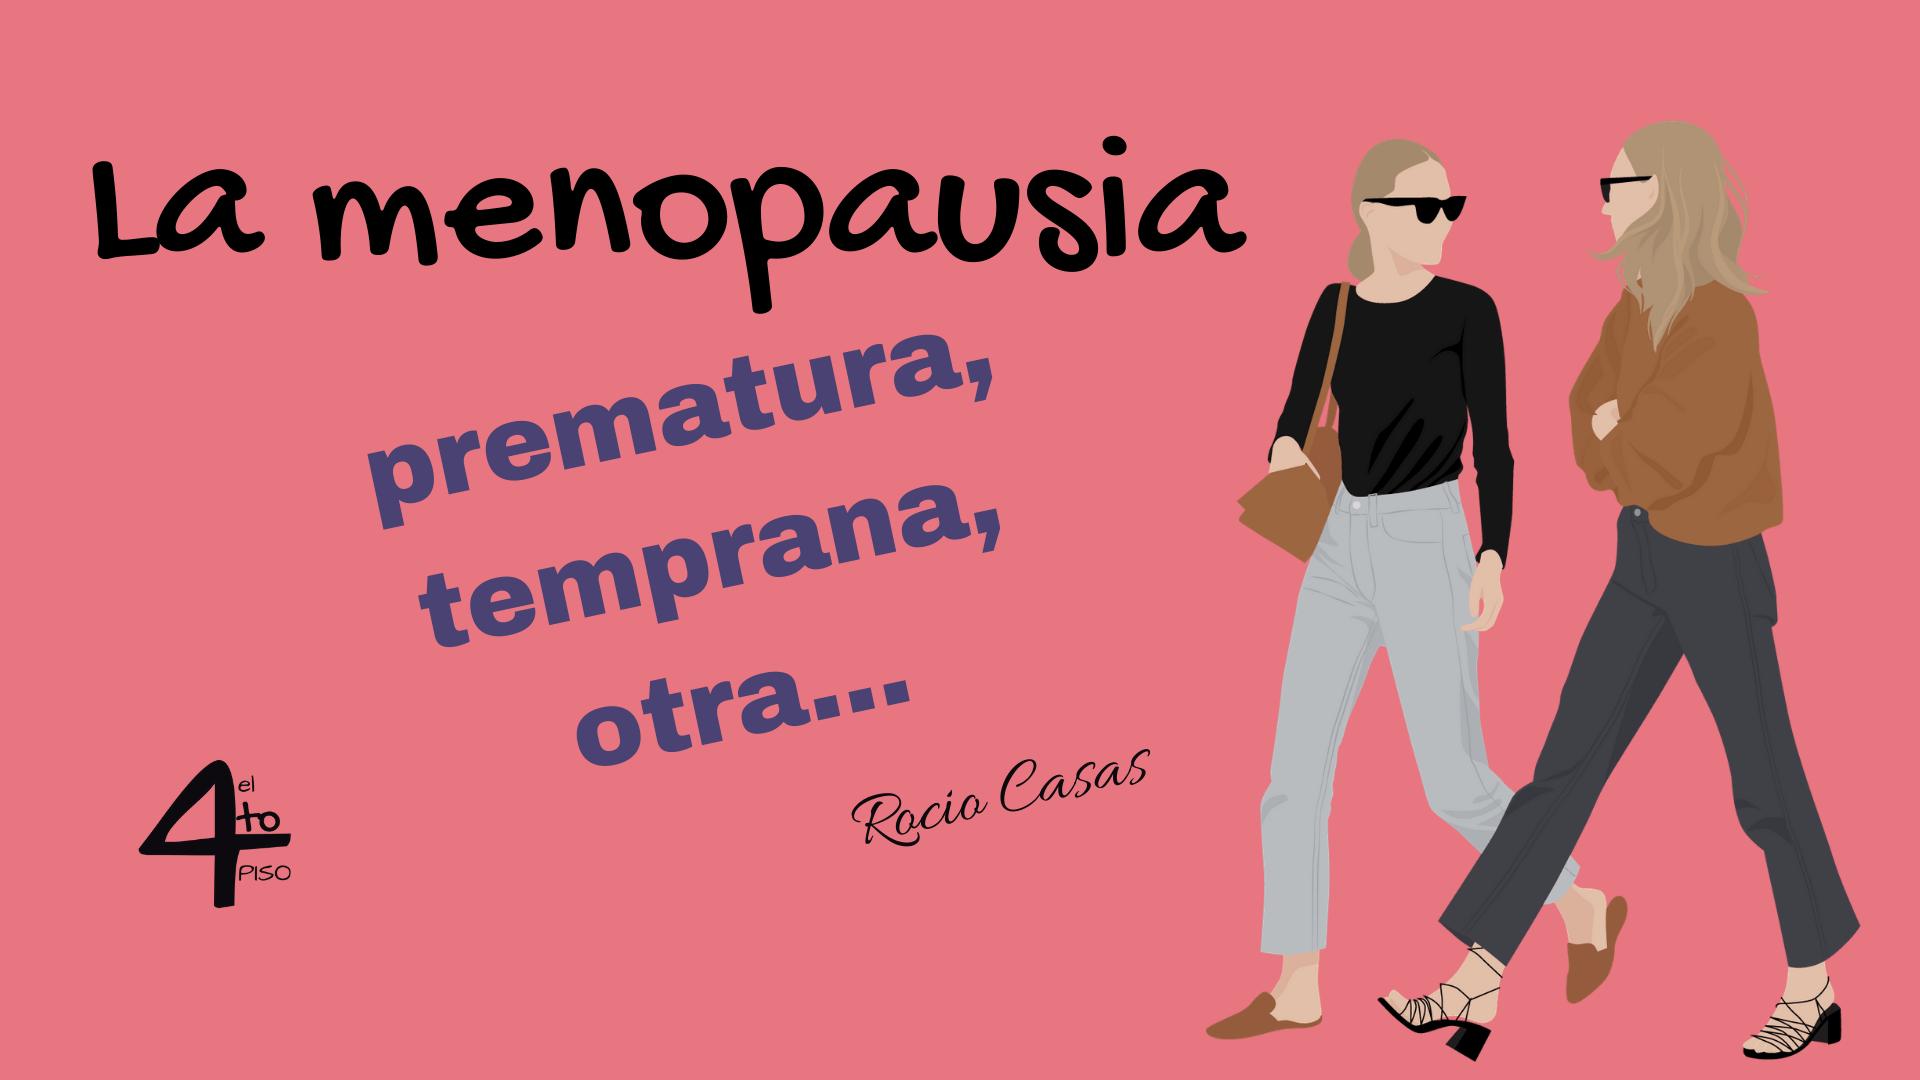 la menopausia prematura temprana